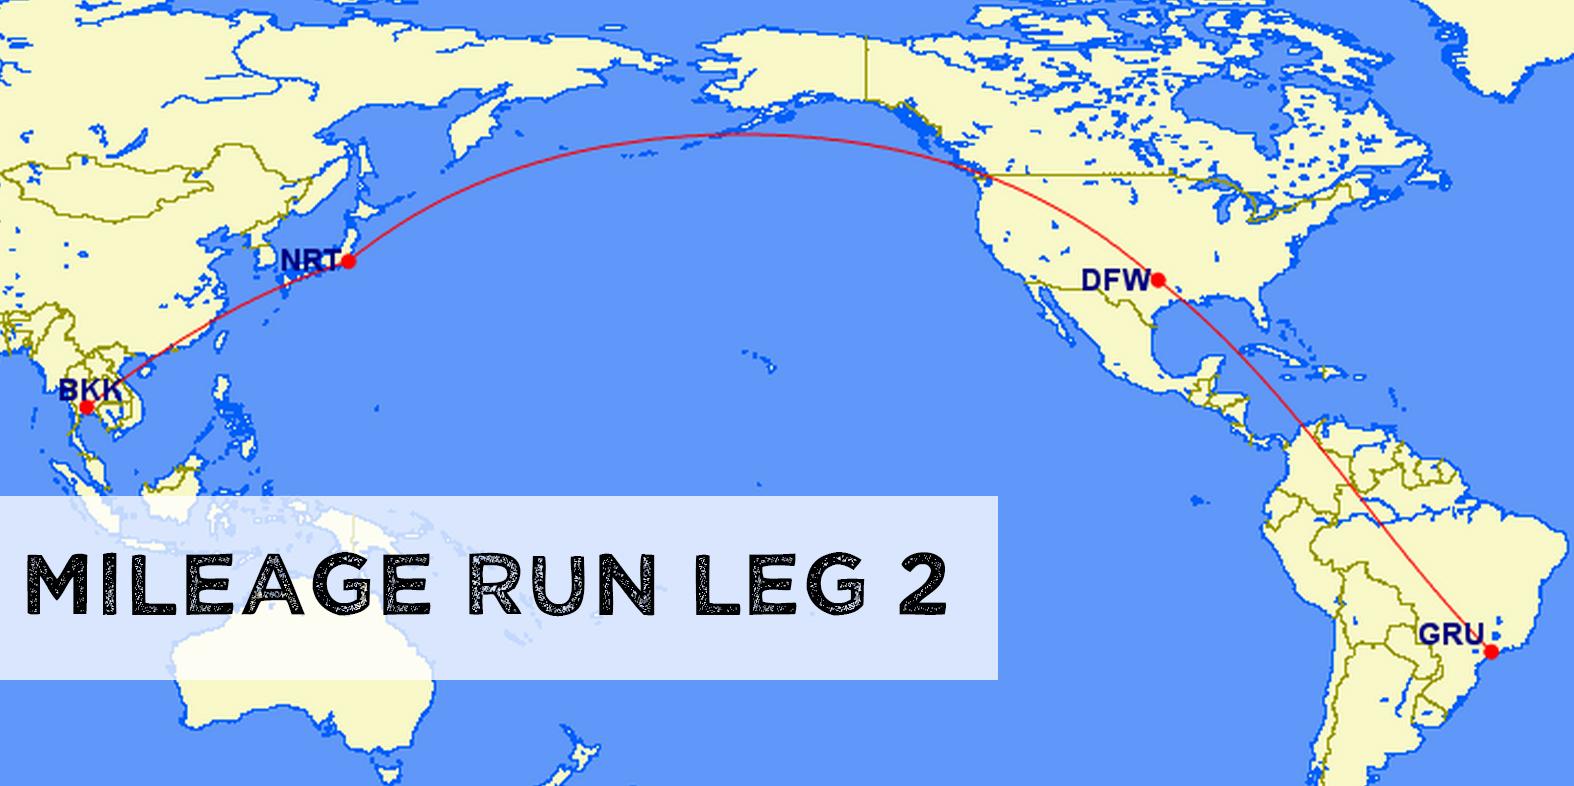 Mileage Run Leg 2 – BKK – GRU